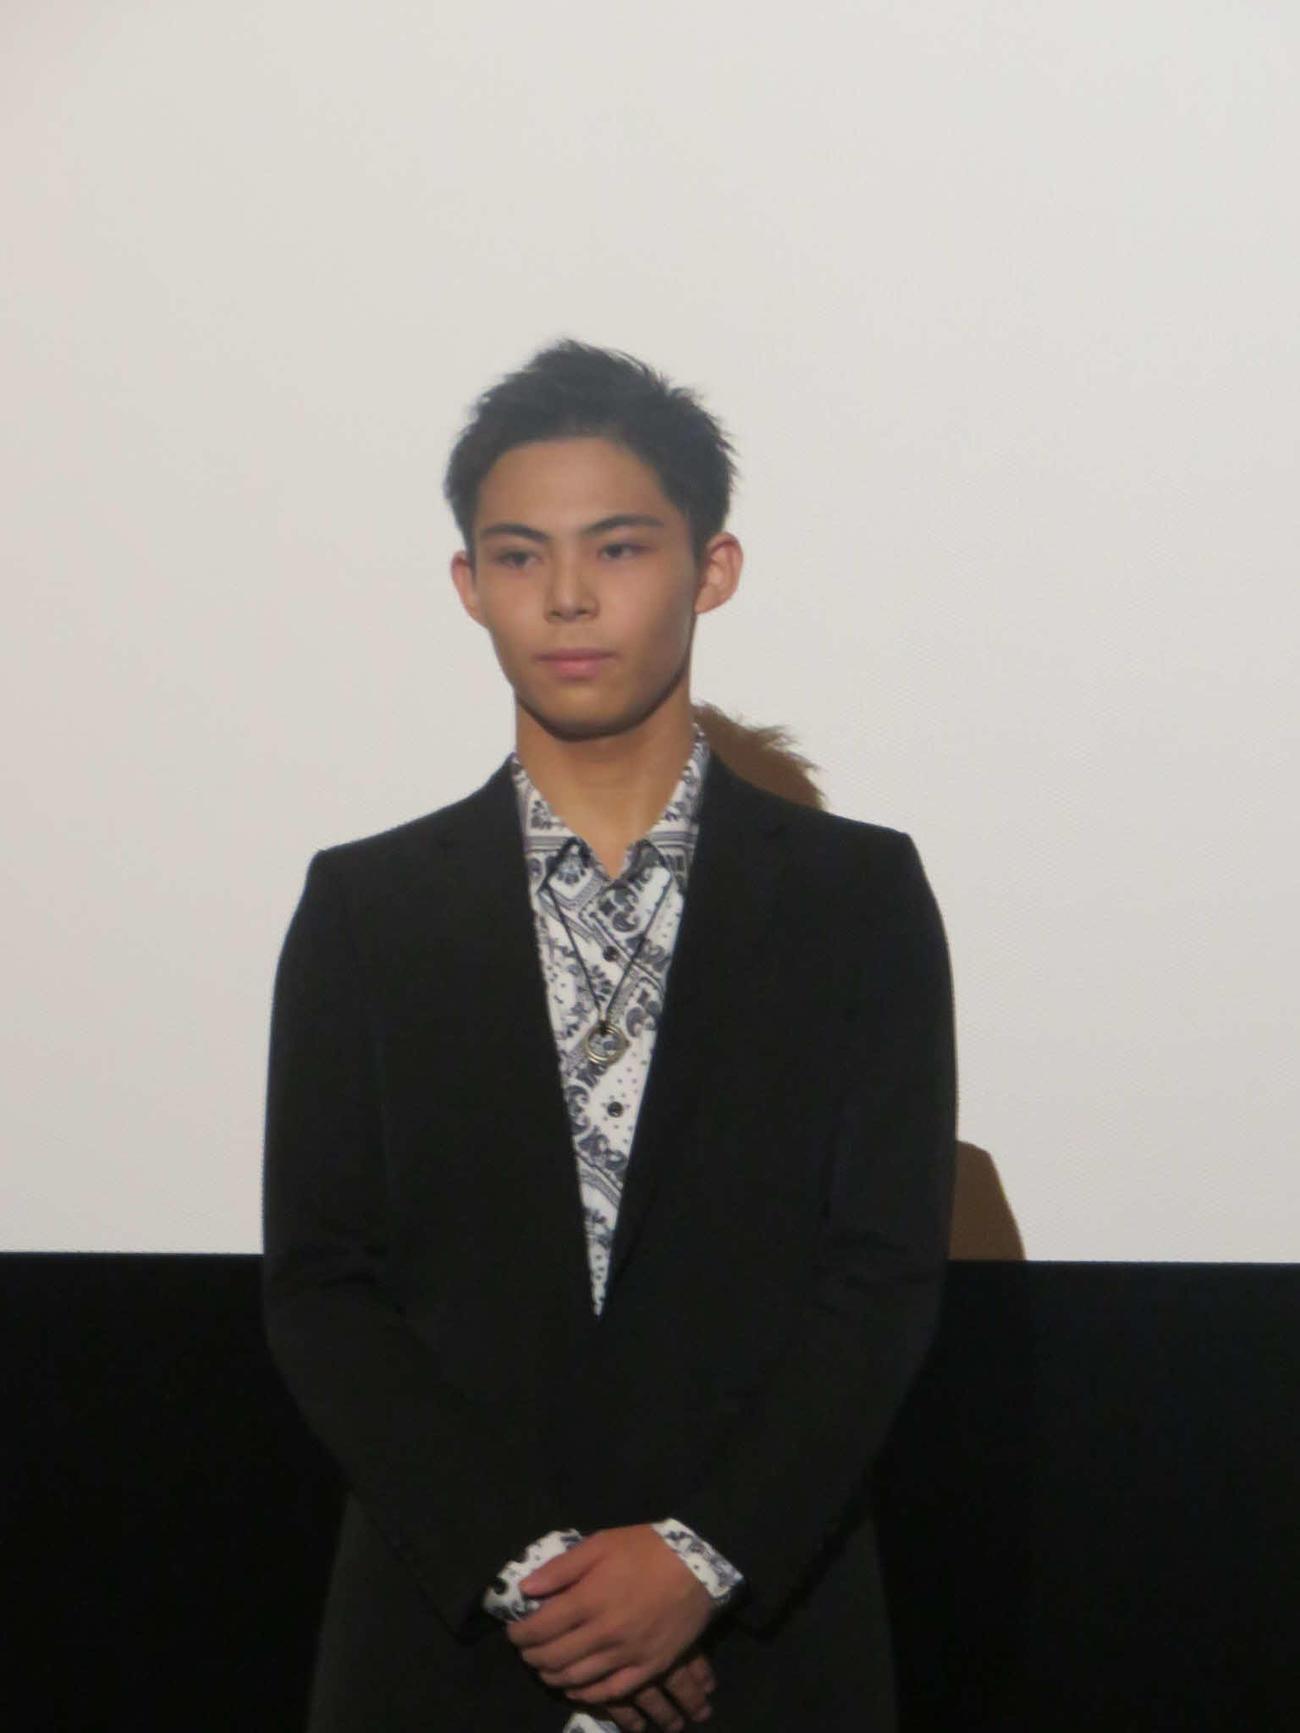 映画初主演で主演した上村侑